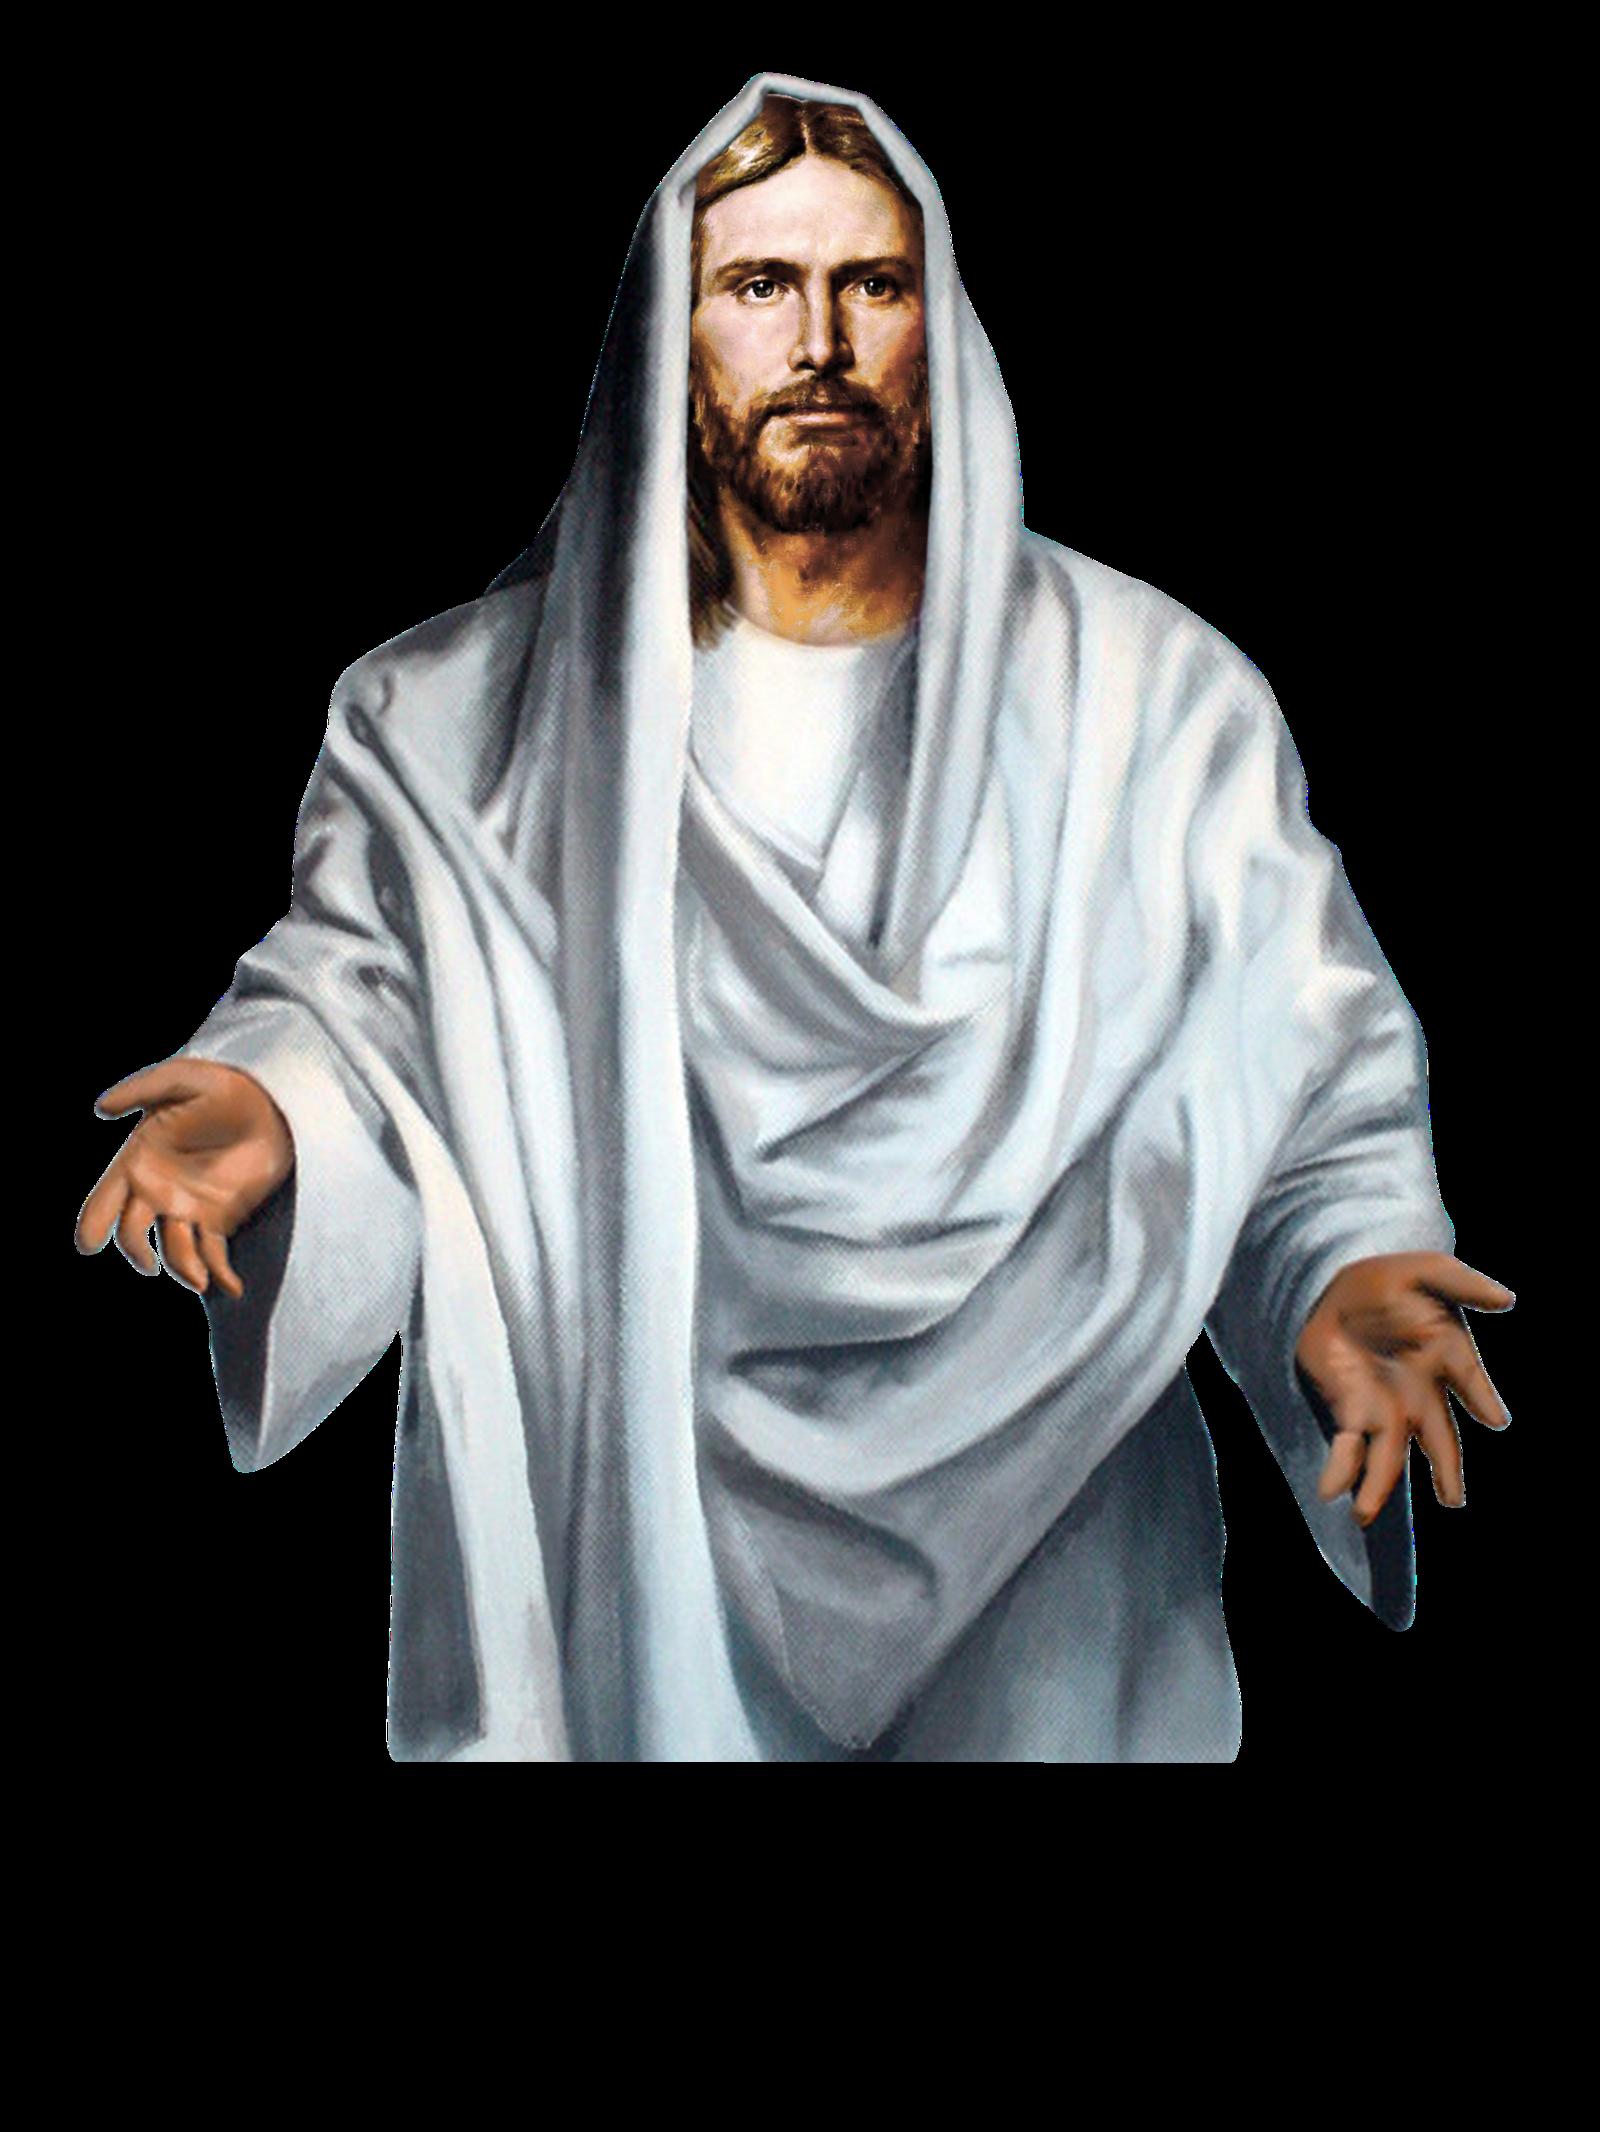 Jesus christ png pinterest. Lds clipart prophet